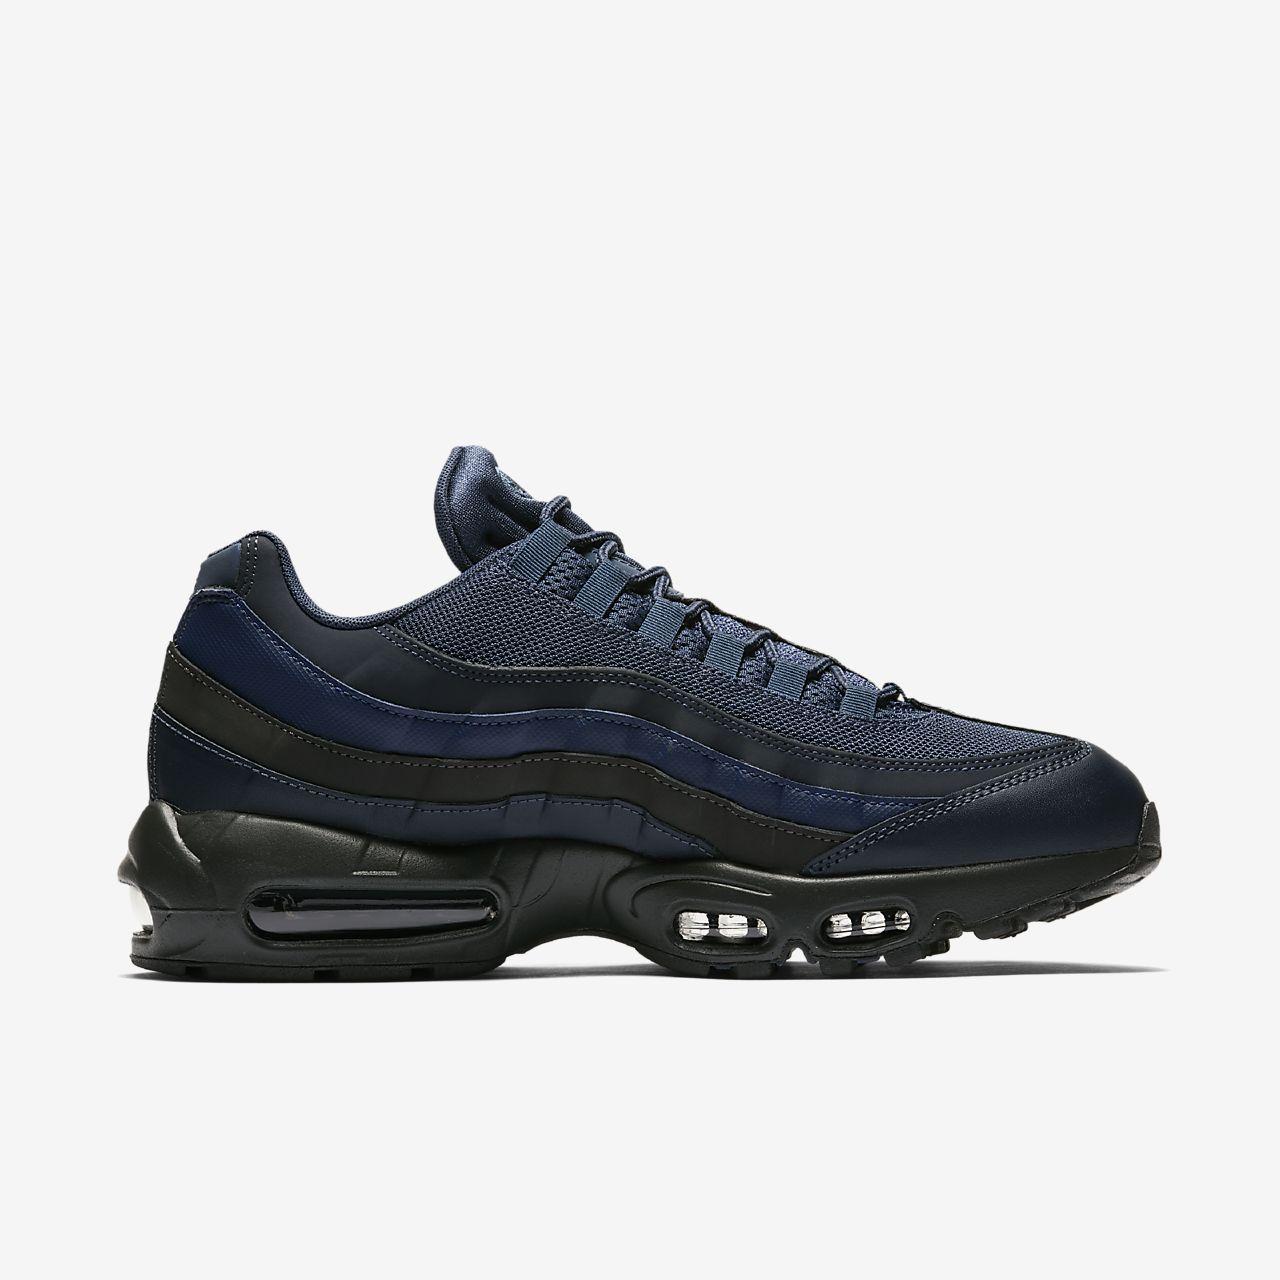 wholesale dealer ba438 f66ec ... Chaussure Nike Air Max 95 Essential pour Homme